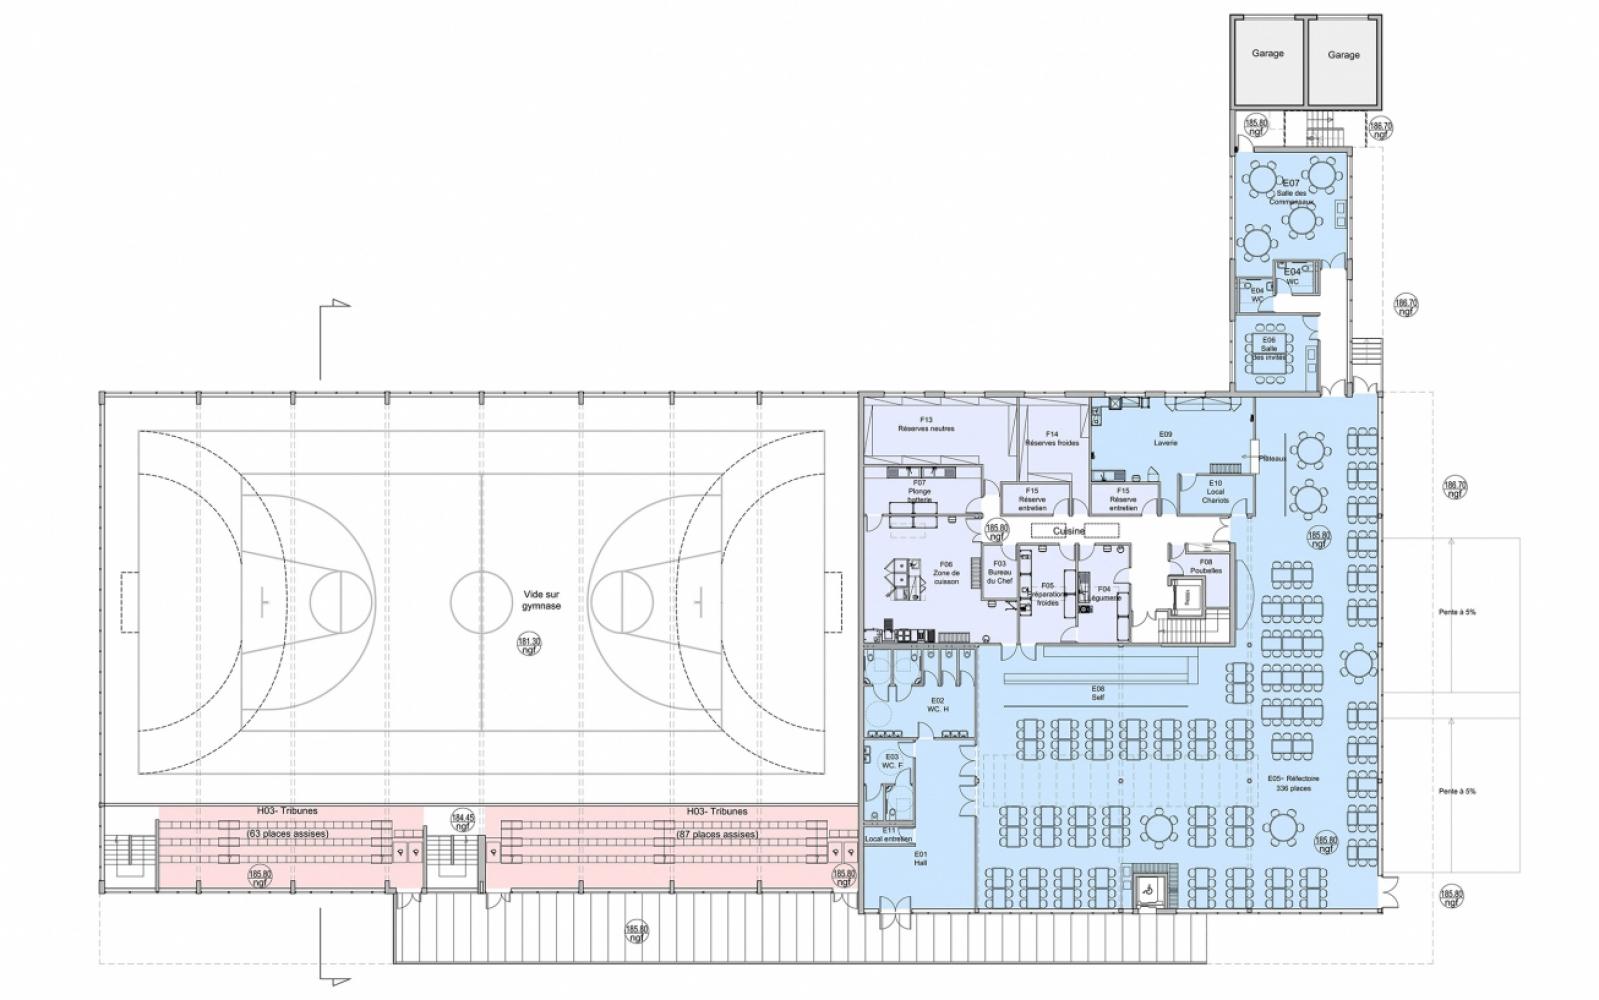 montigny03 Pascale SEURIN Architecte - Enseignement